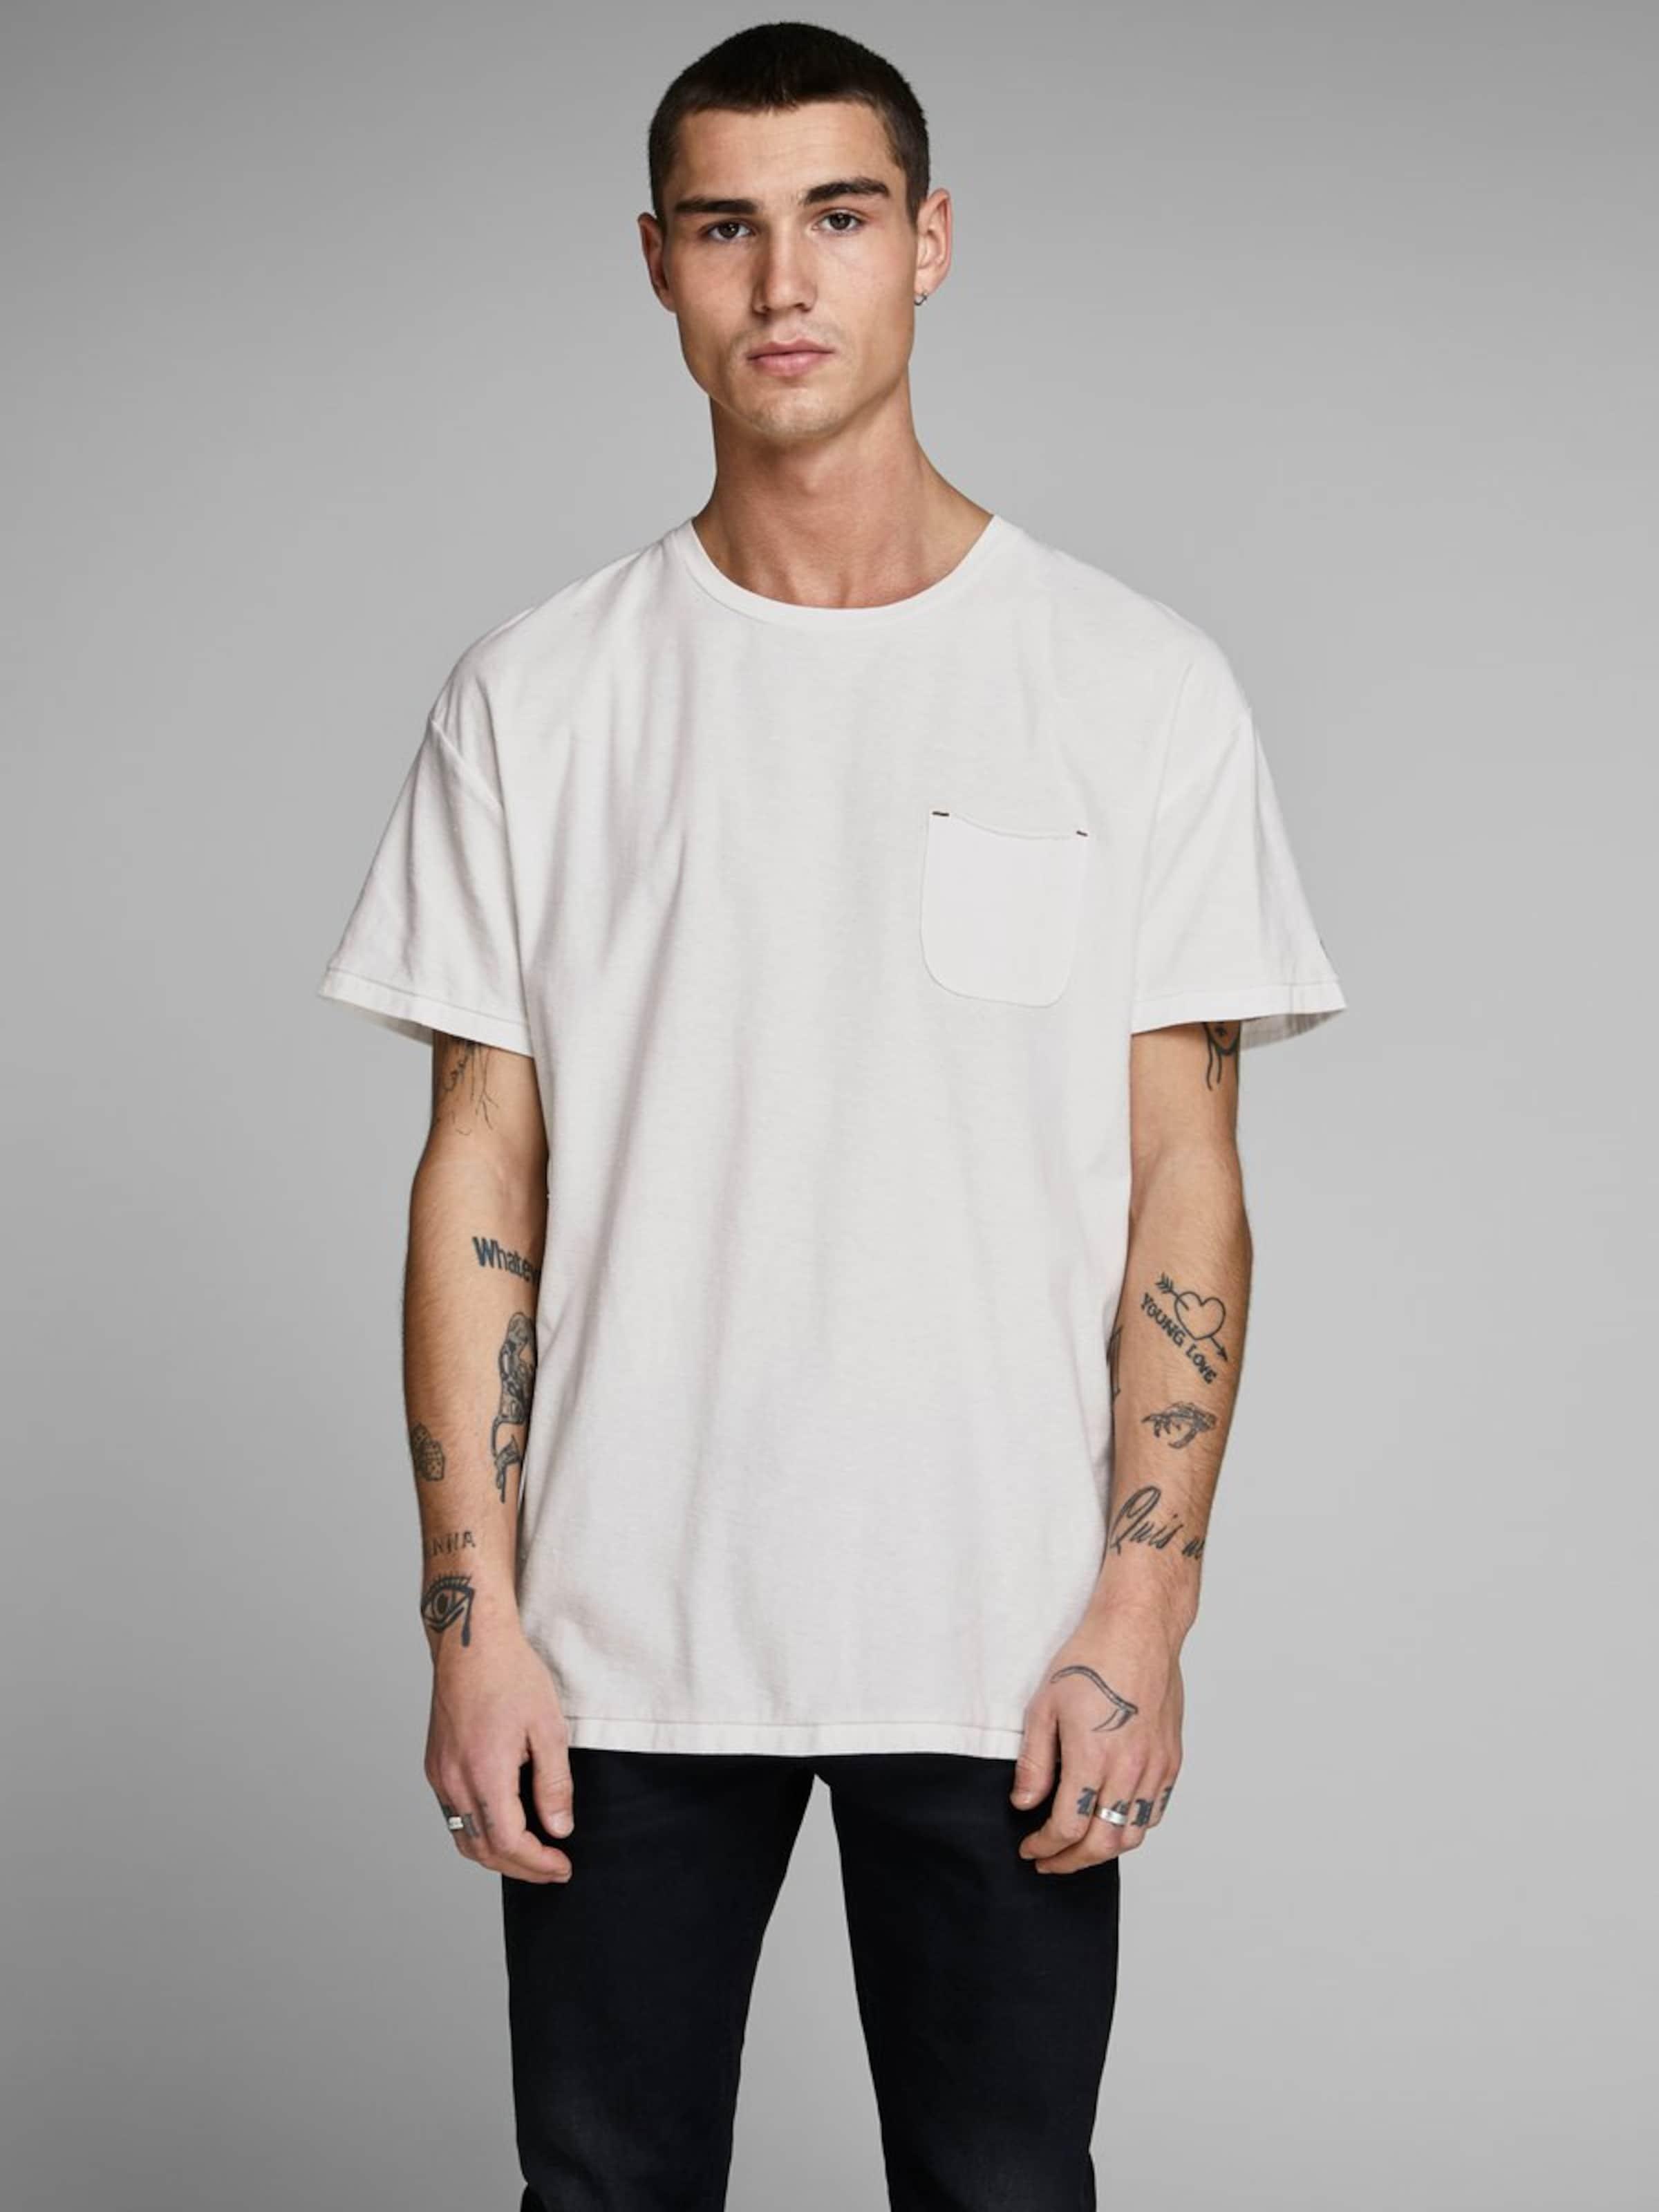 Jones shirt Jackamp; T En Marine 1JFcTluK3